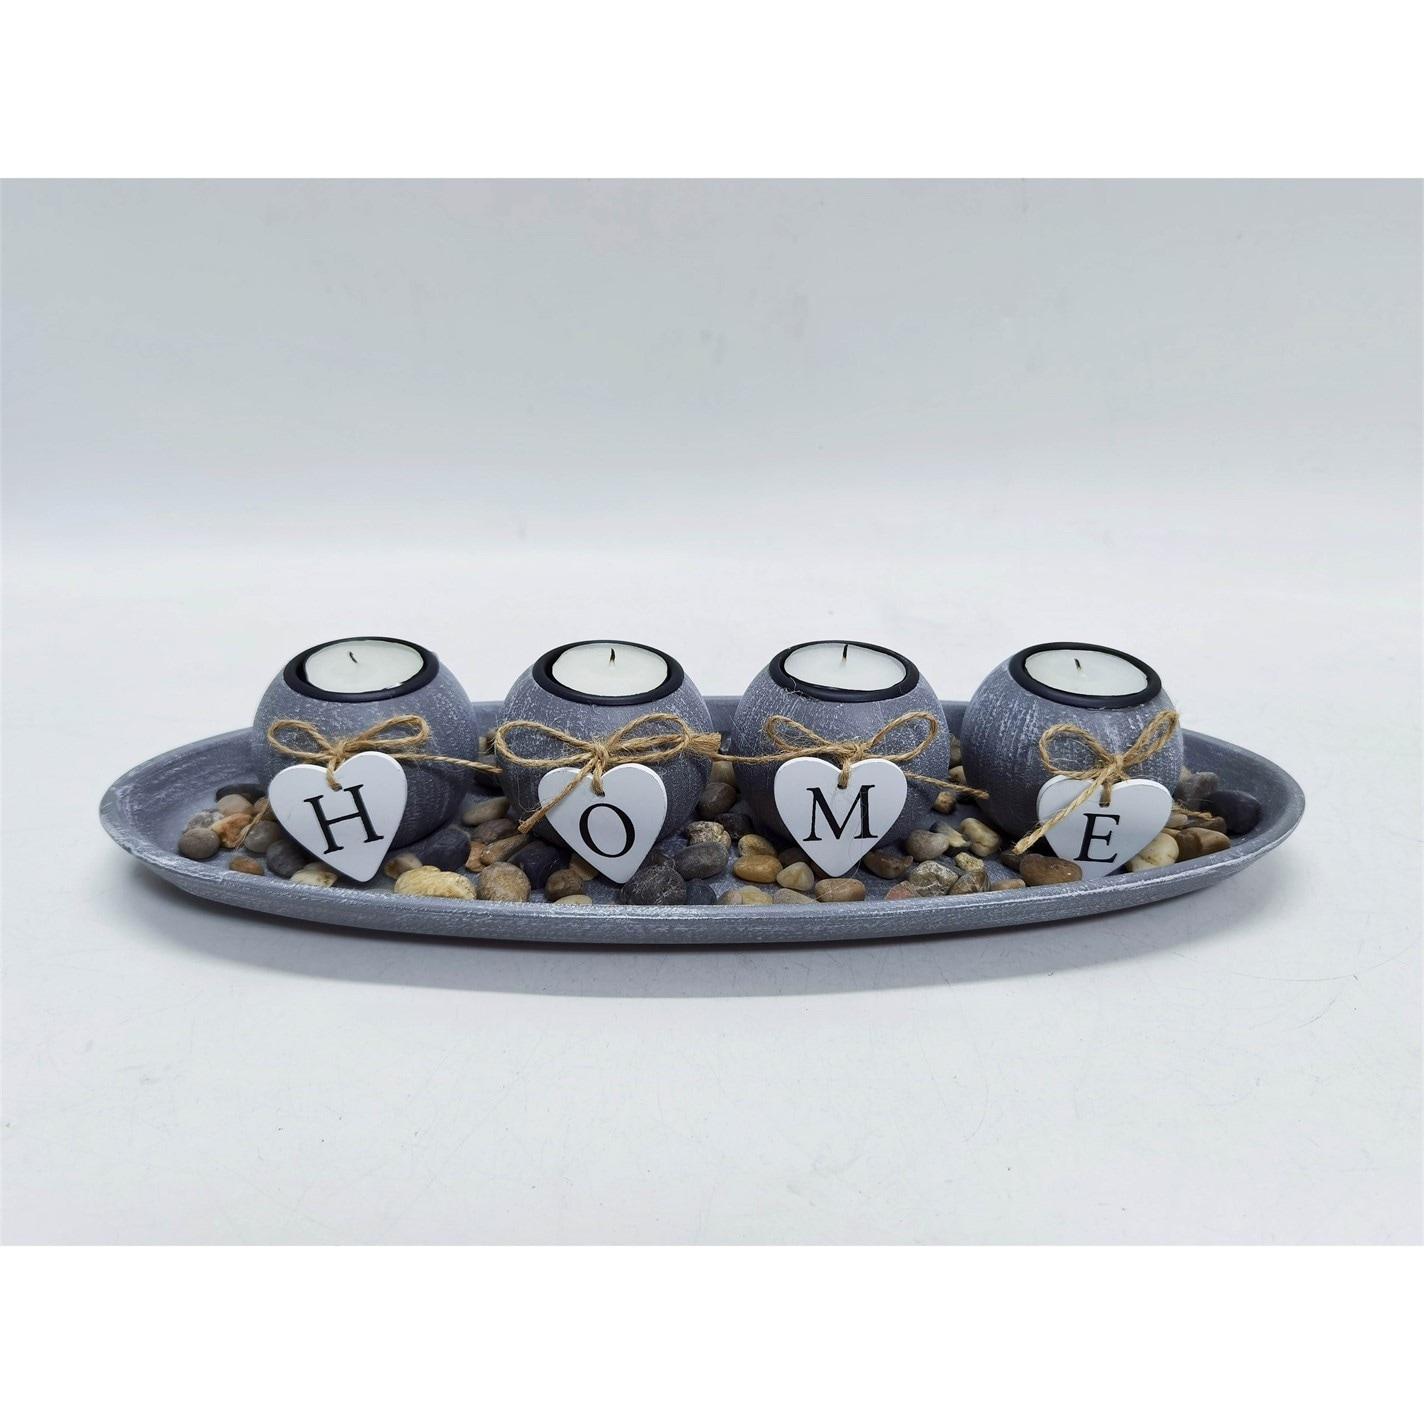 Grace Home Home 4 Piece Votive Candle Set